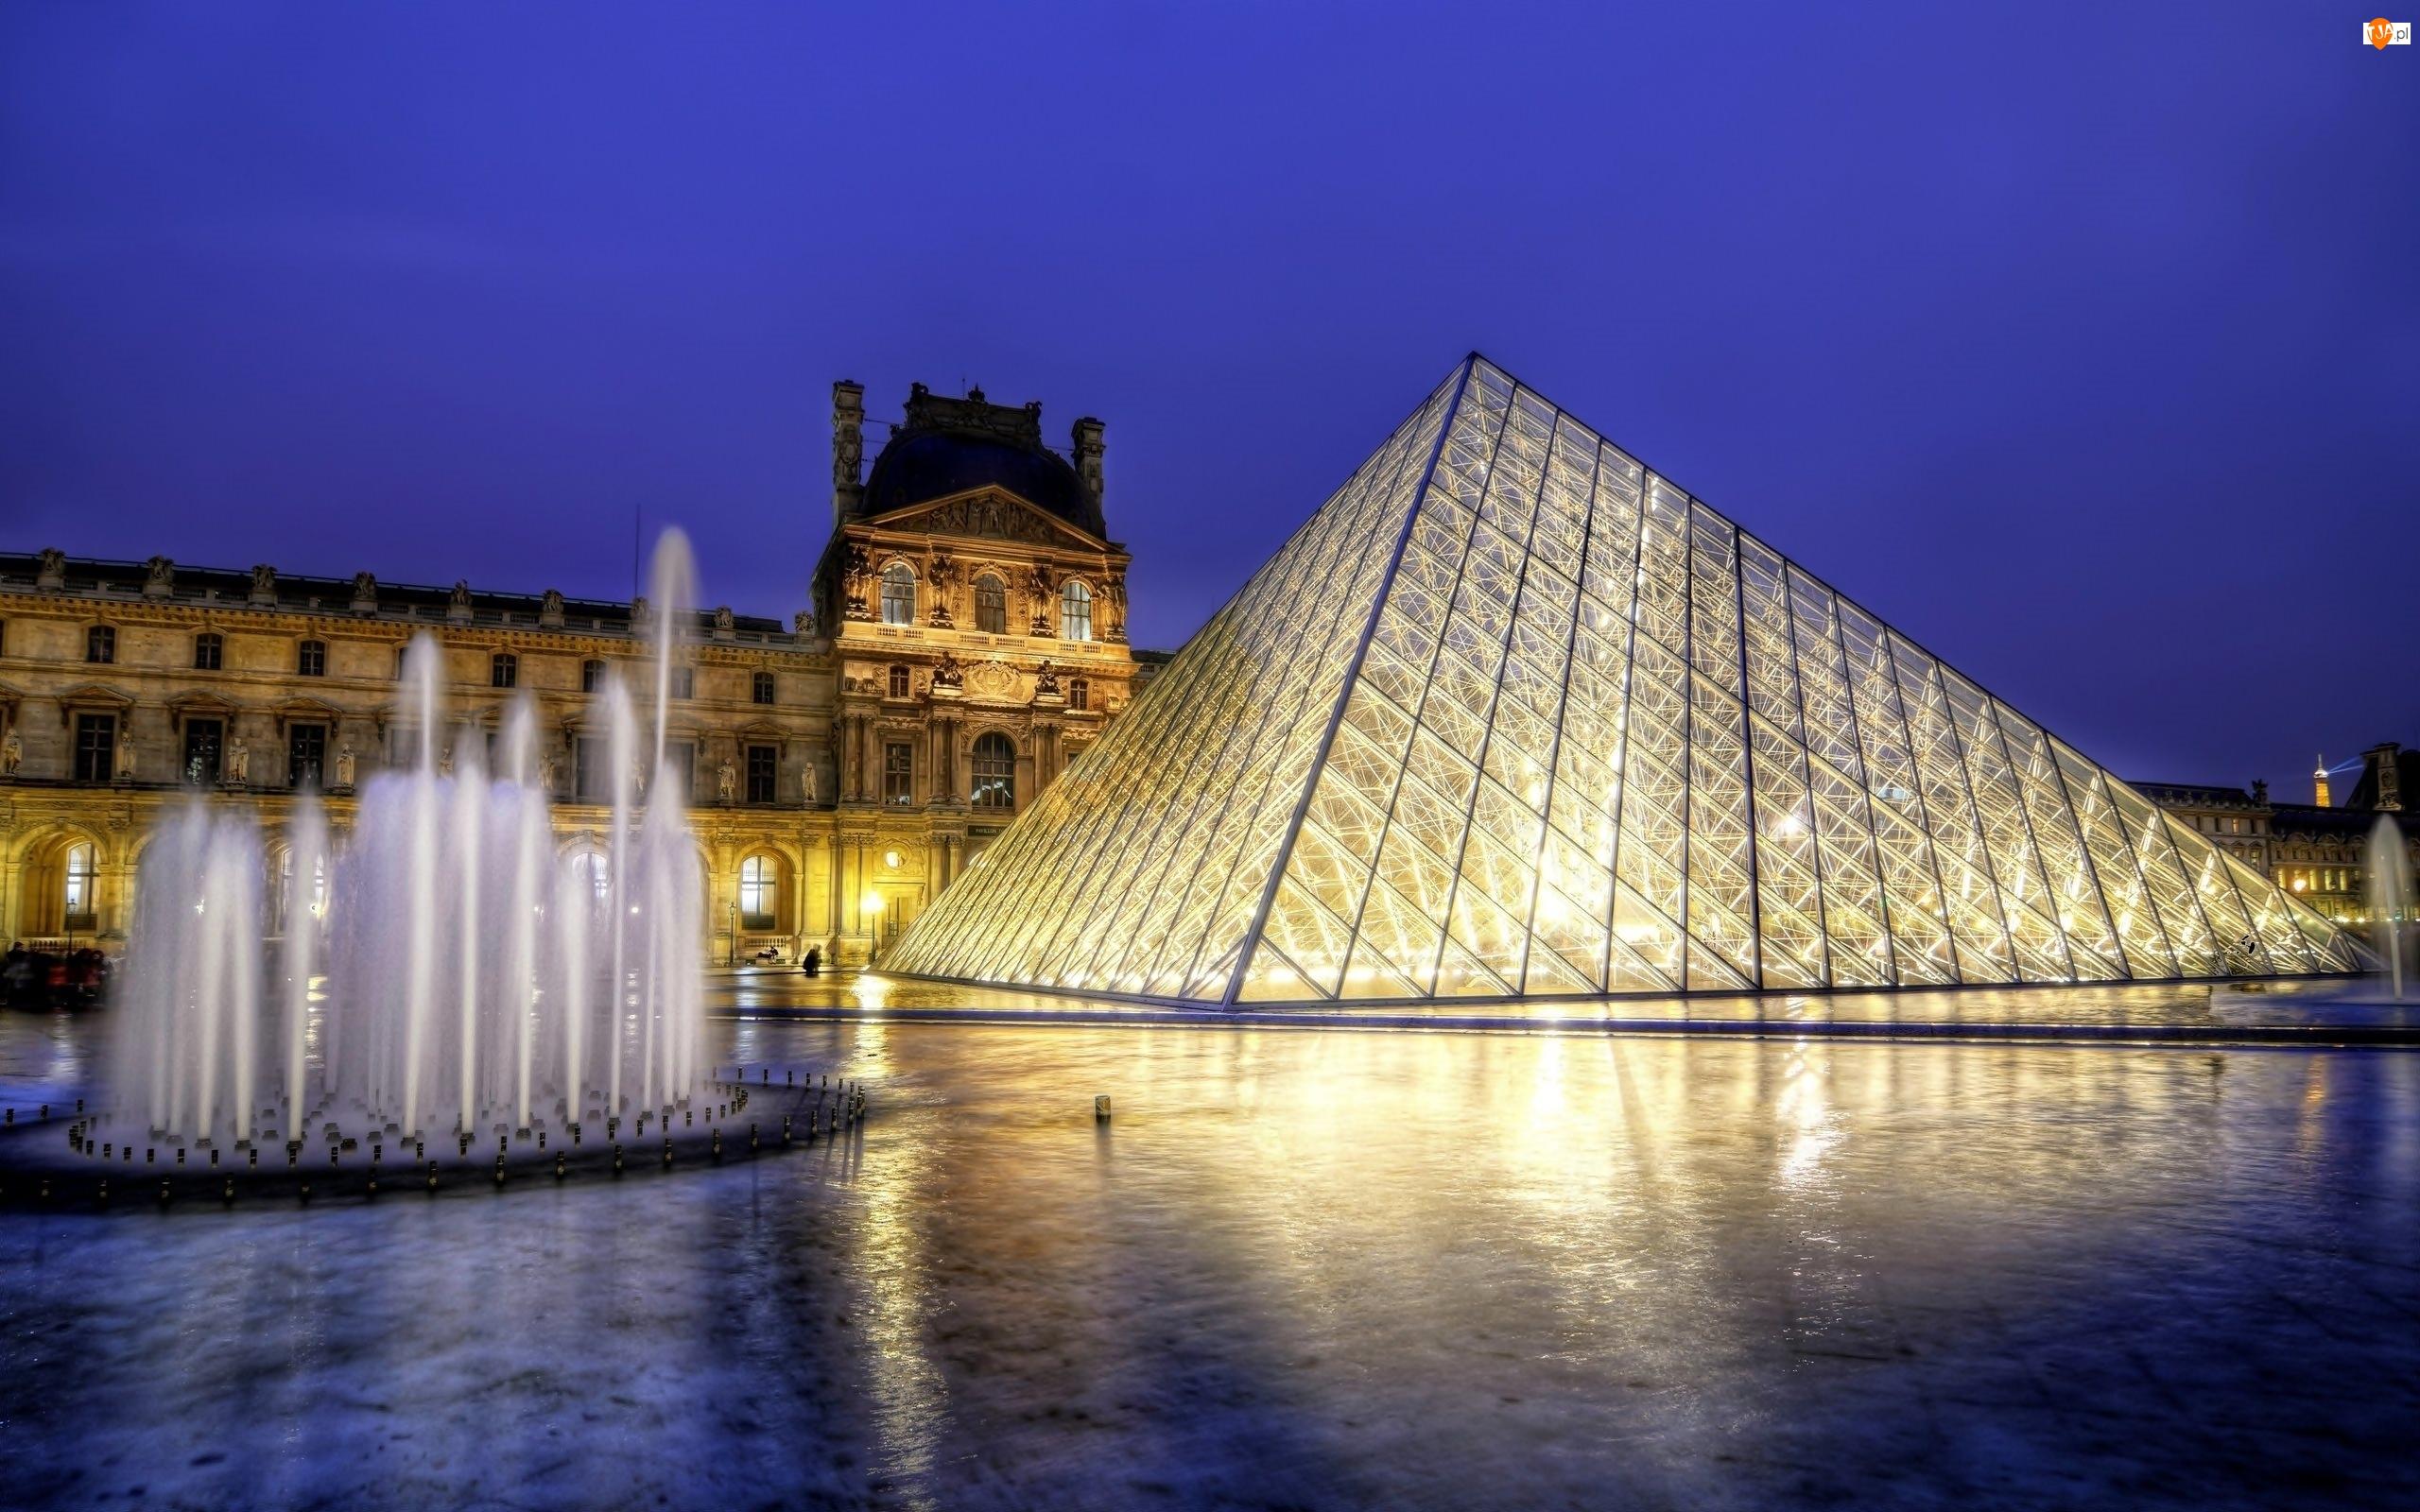 Muzeum Sztuki, Fontanna, Francja, Piramida, Paryż, Luwr